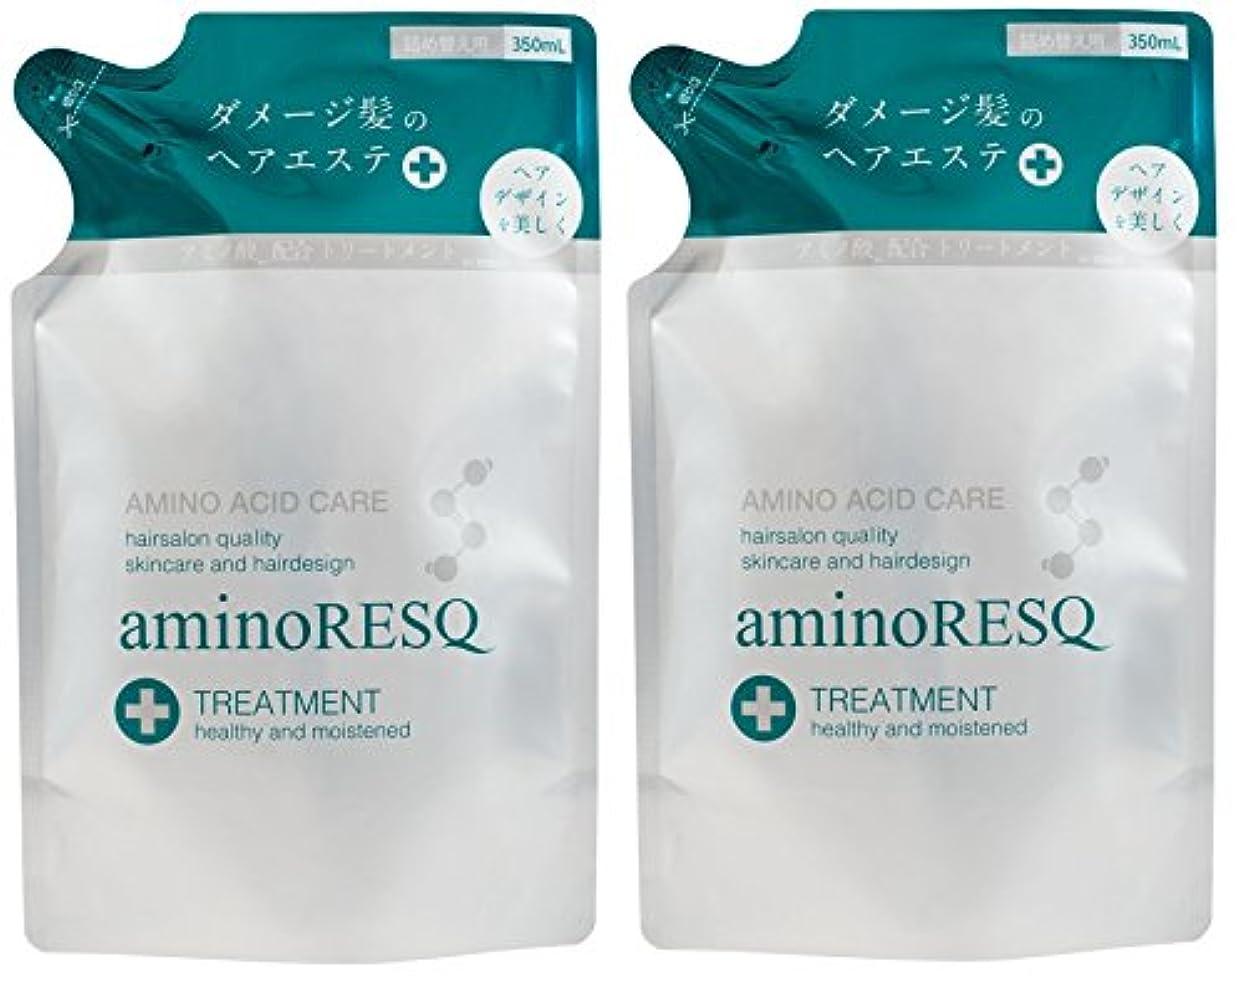 ロードされた贅沢な誇張【2個セット】aminoRESQ アミノレスキュー トリートメント詰替